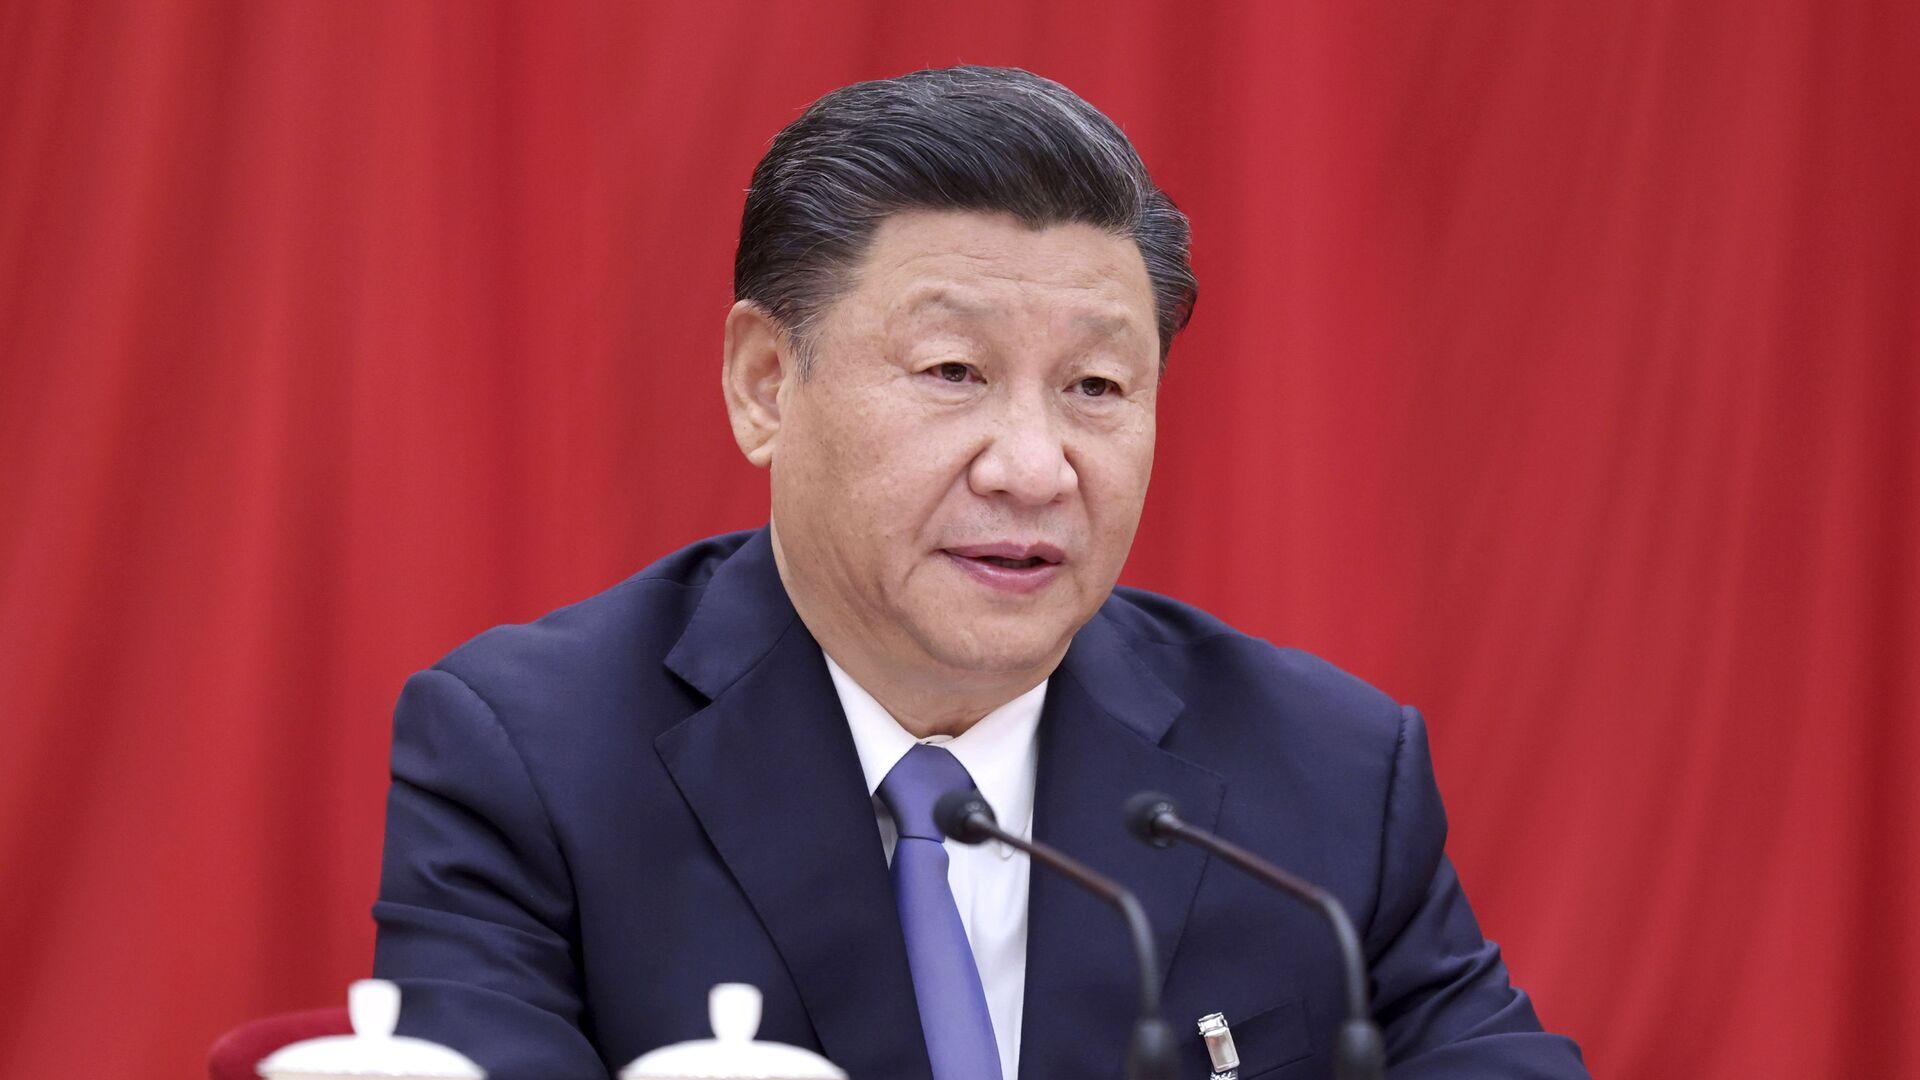 Chủ tịch nước Cộng hòa Nhân dân Trung Hoa Tập Cận Bình - Sputnik Việt Nam, 1920, 16.07.2021